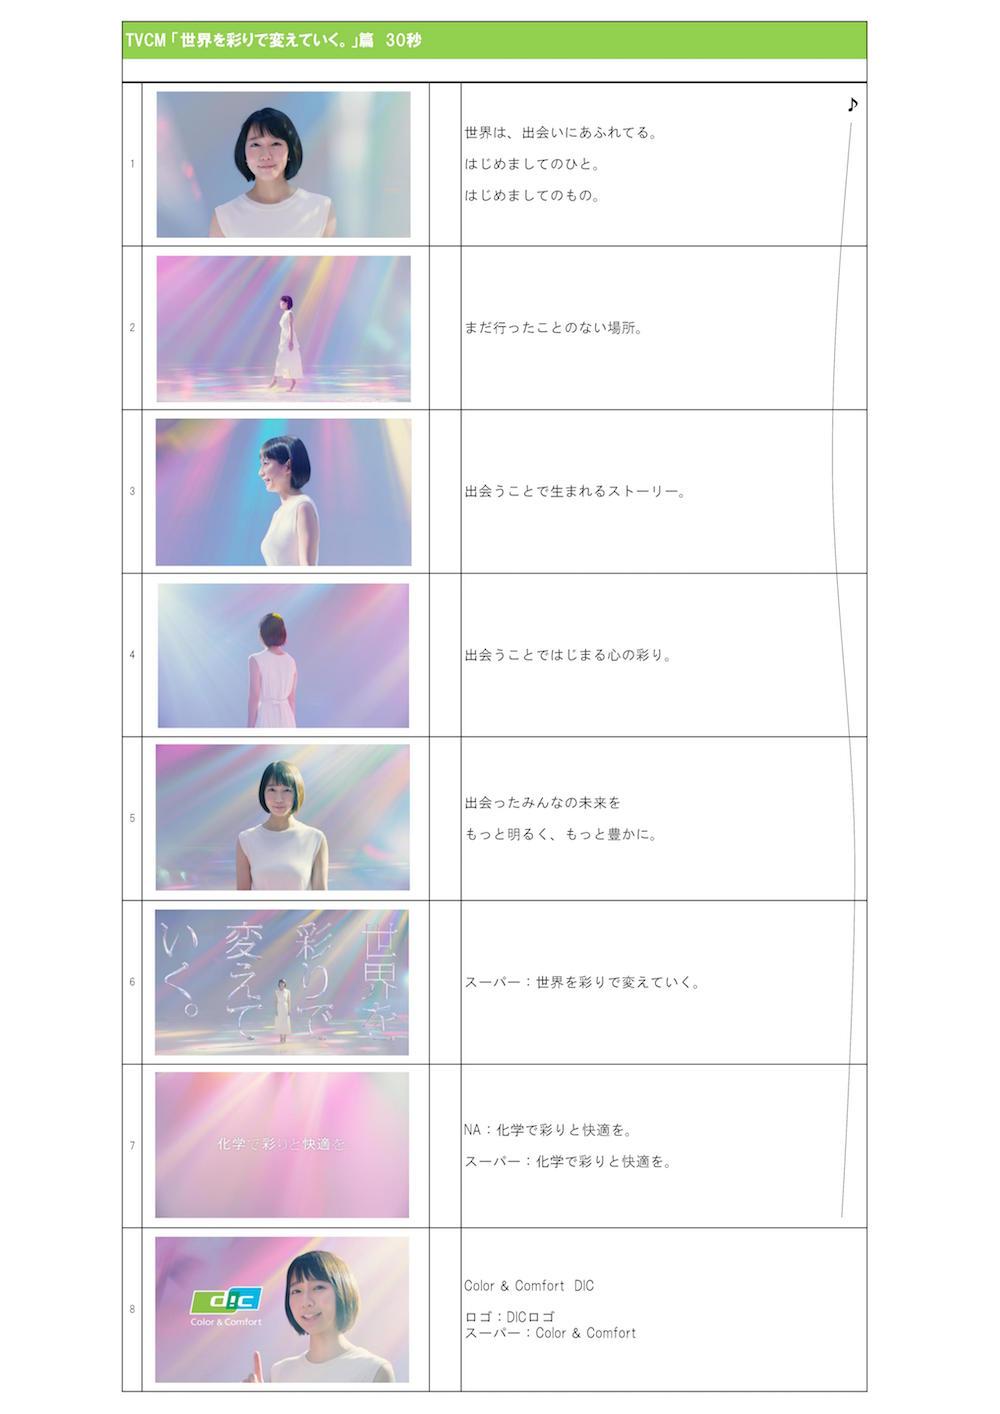 吉岡里帆 出演 DIC 新CM